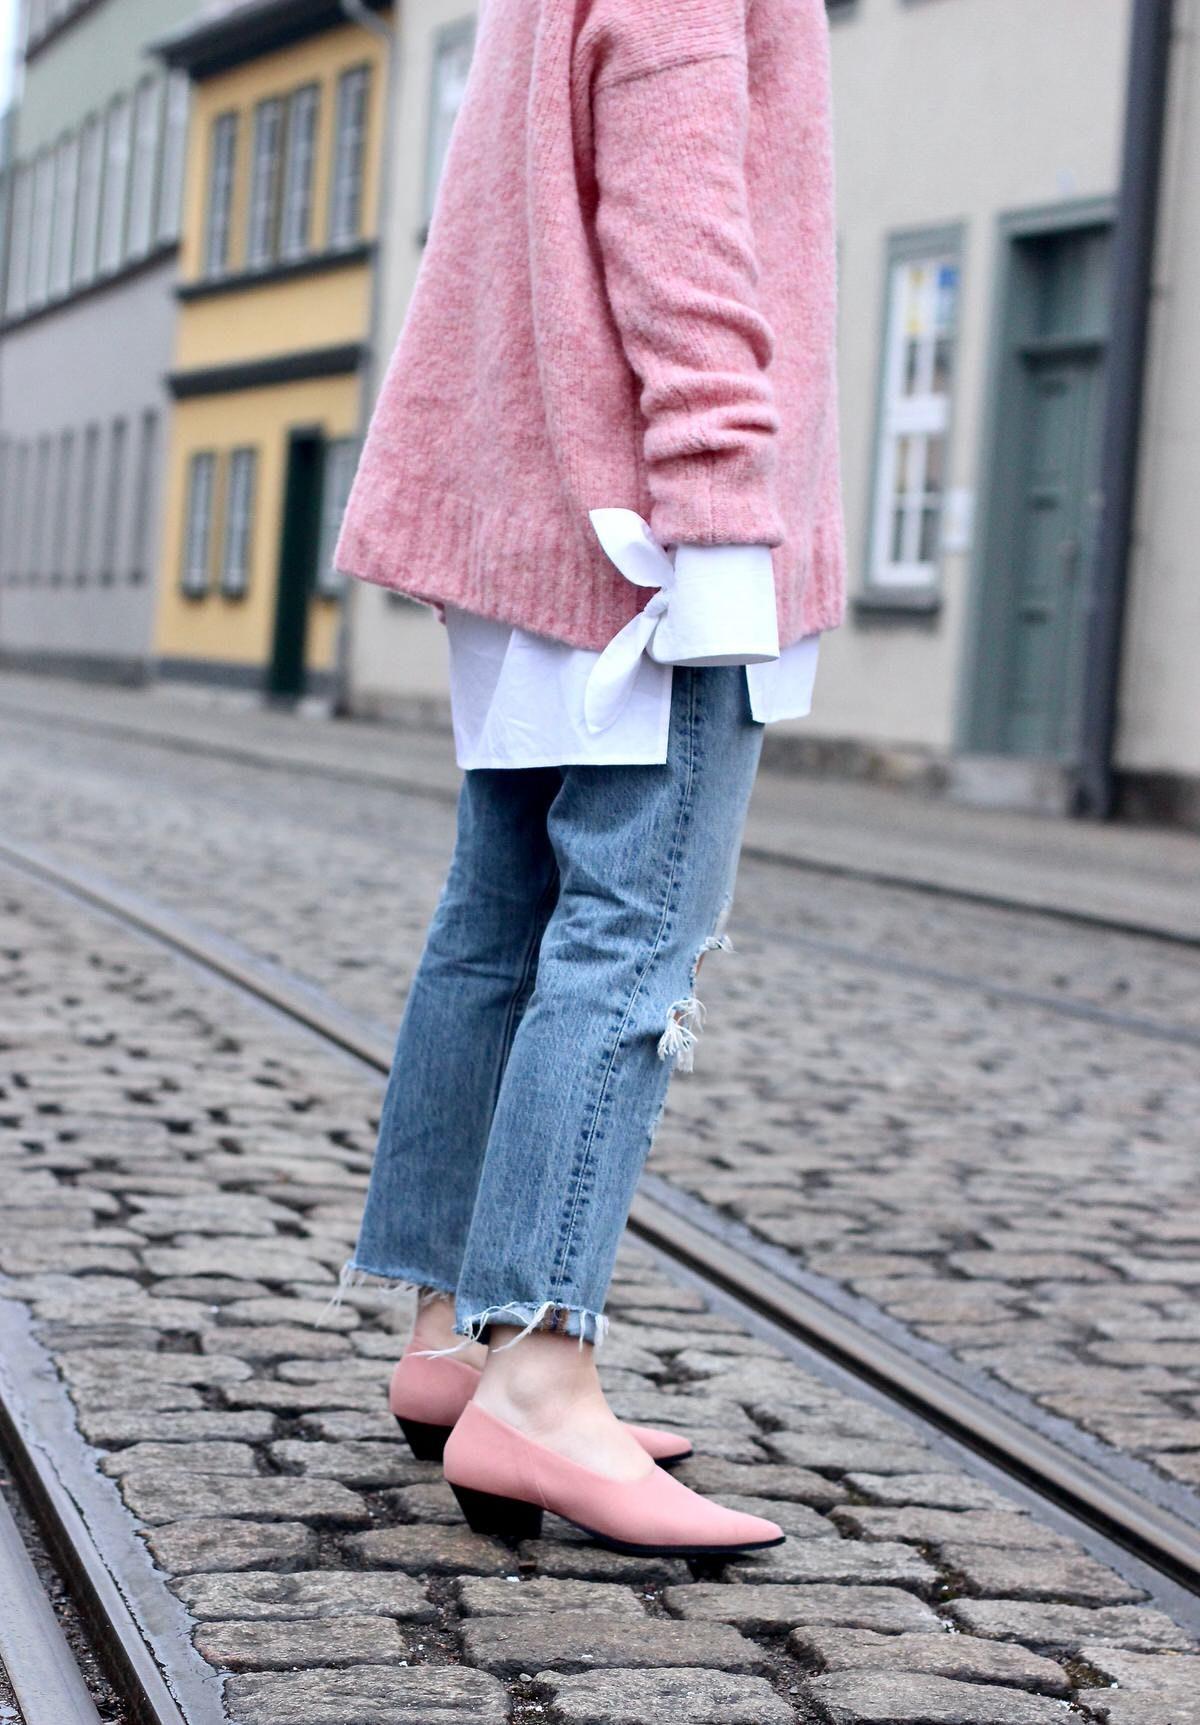 Edited, Levis 501 CT Jeans, Max&Co., Pandora, H&M Pumps